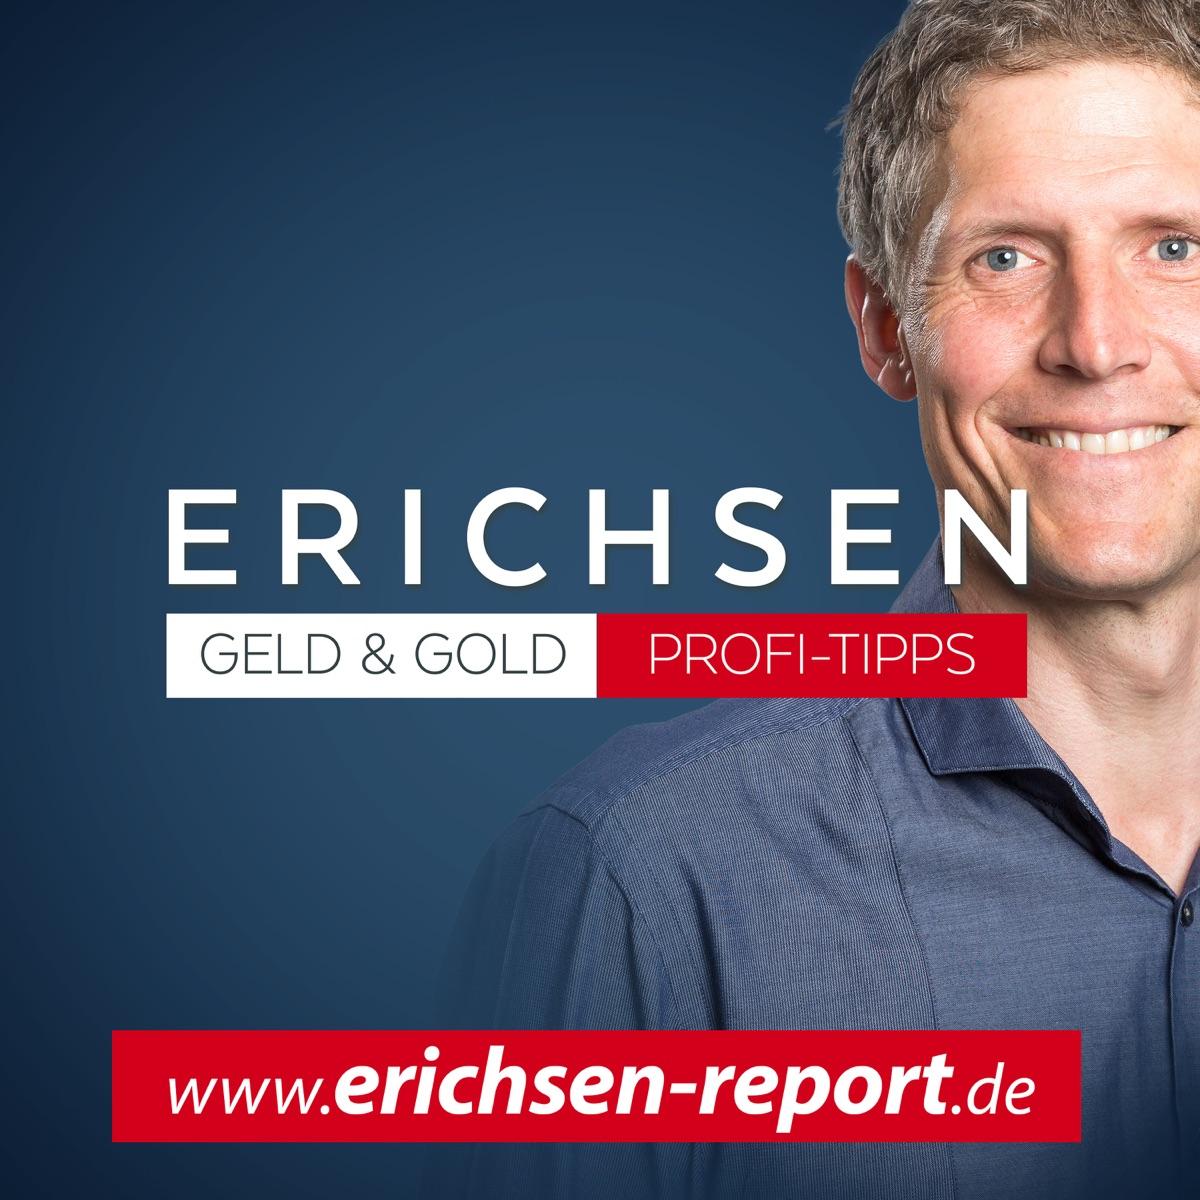 Erichsen Geld & Gold, der Podcast für die erfolgreiche Geldanlage